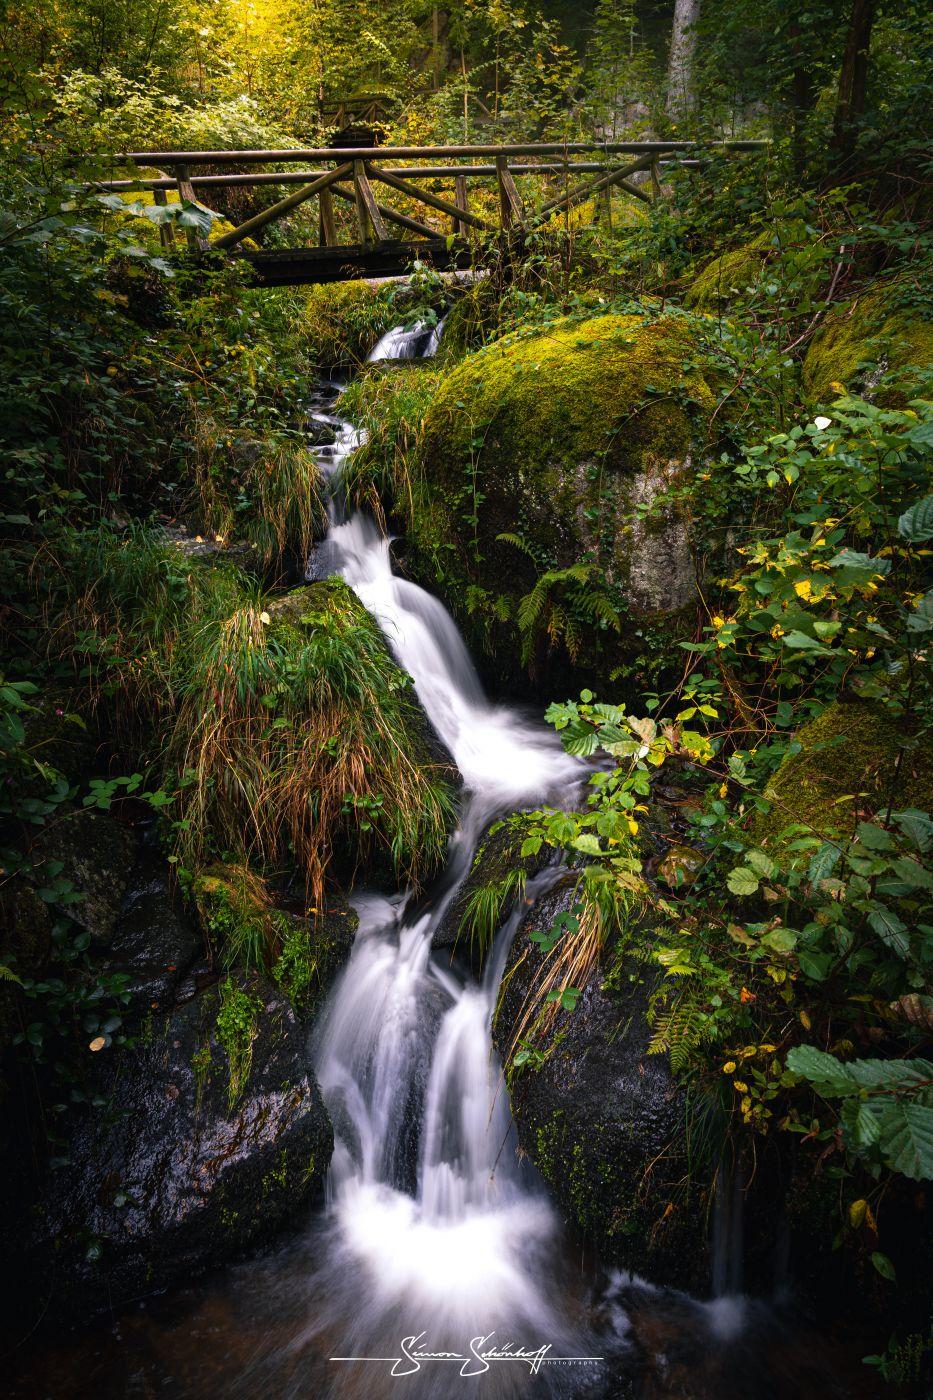 Gaishöll Waterfalls, Germany